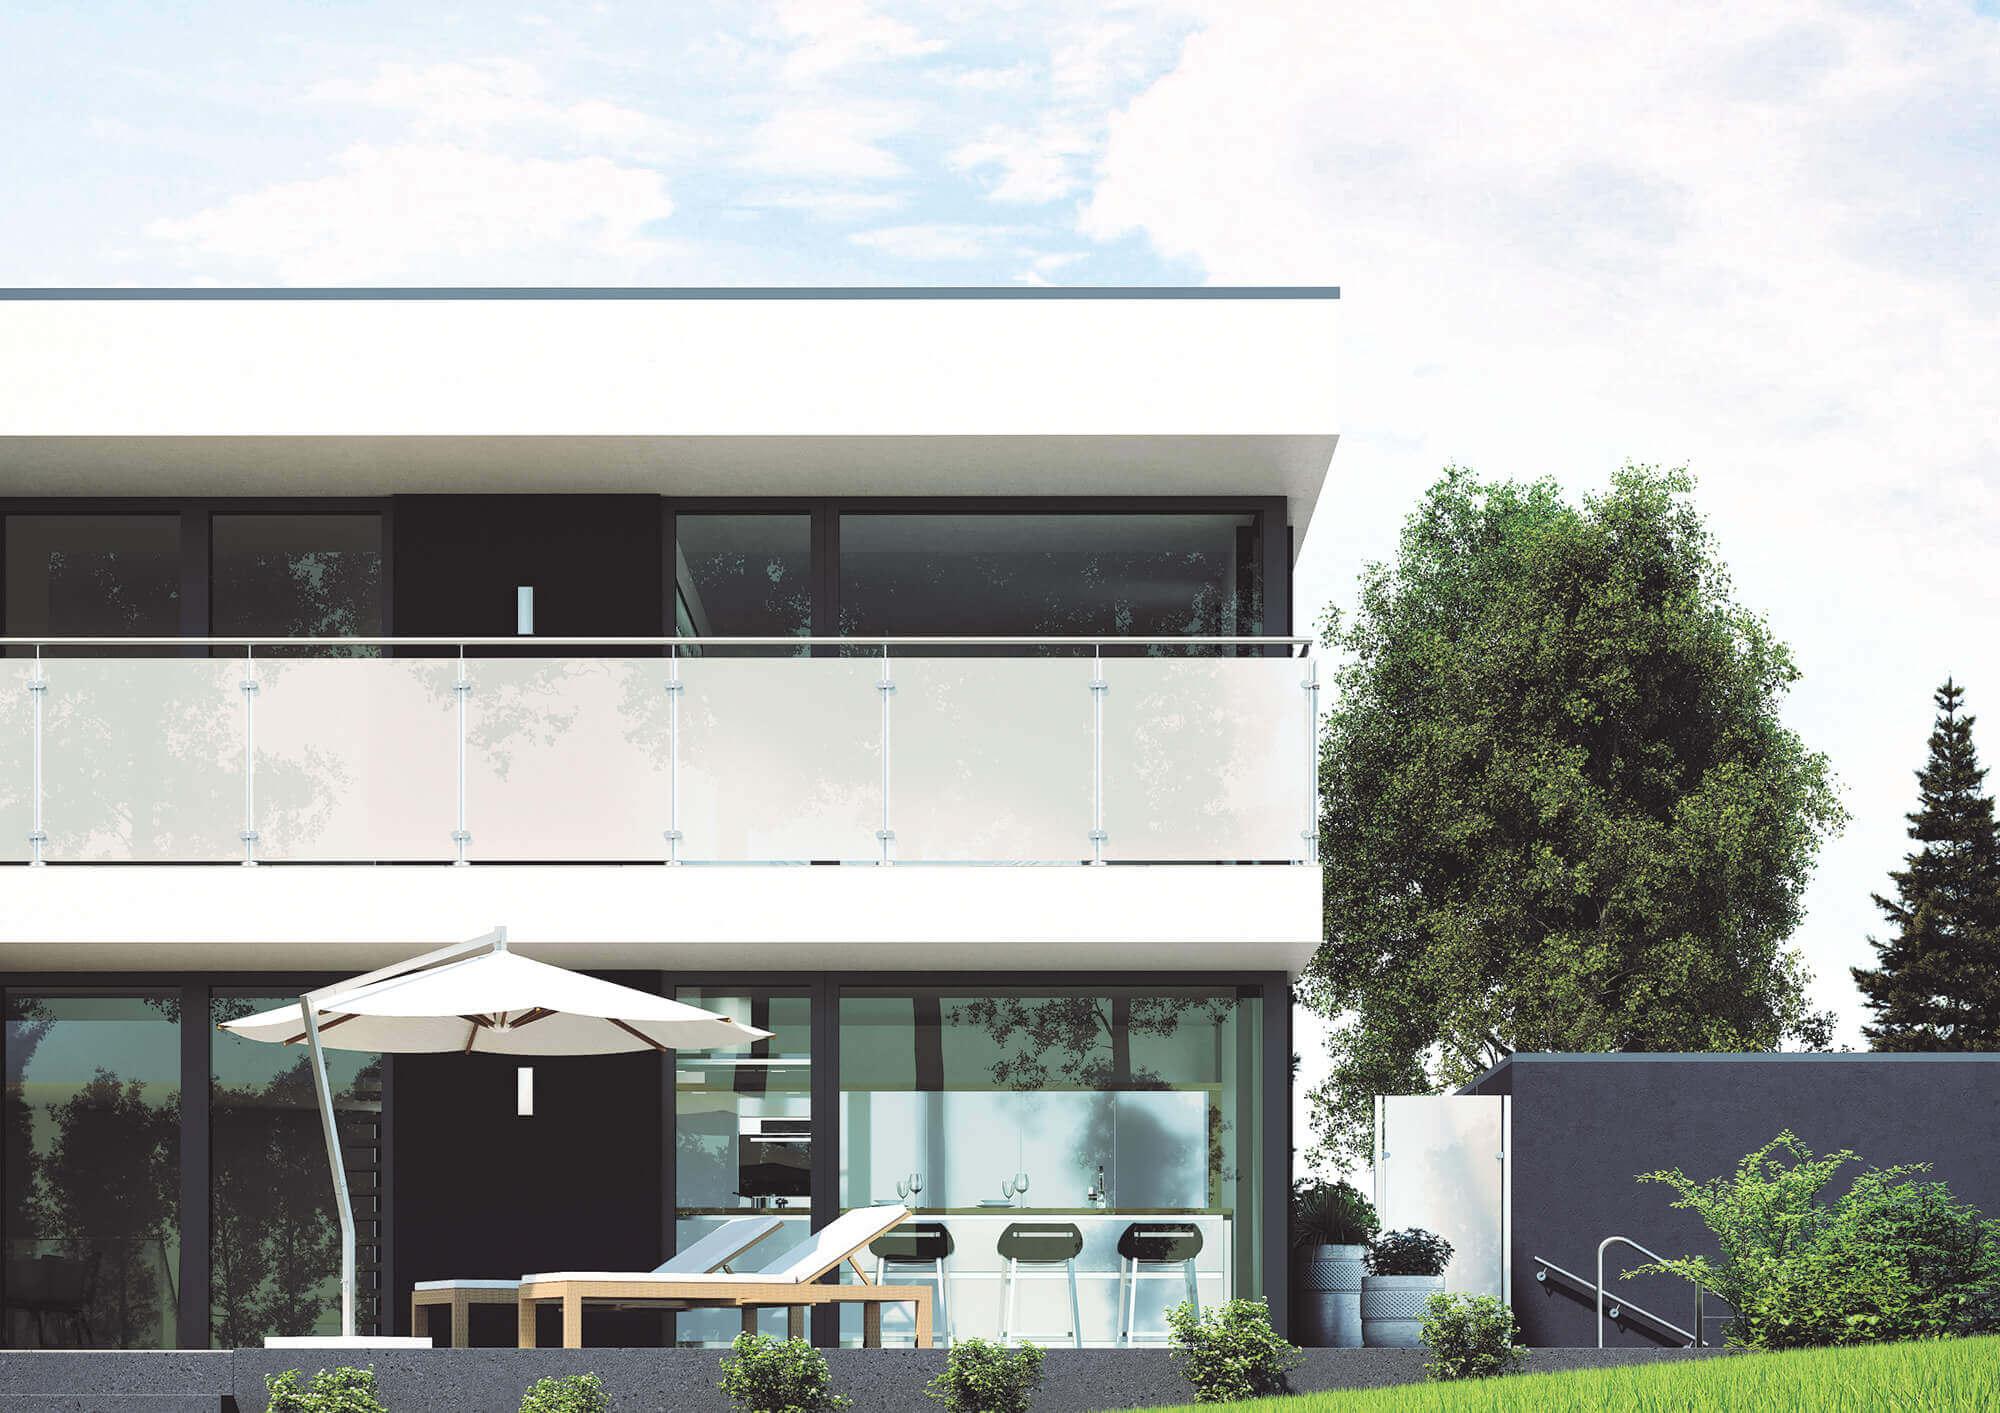 Die bündige Montage der Glaselemente vor den Edelstahl-Geländerpfosten sorgt für ein harmonisches Gesamtbild.